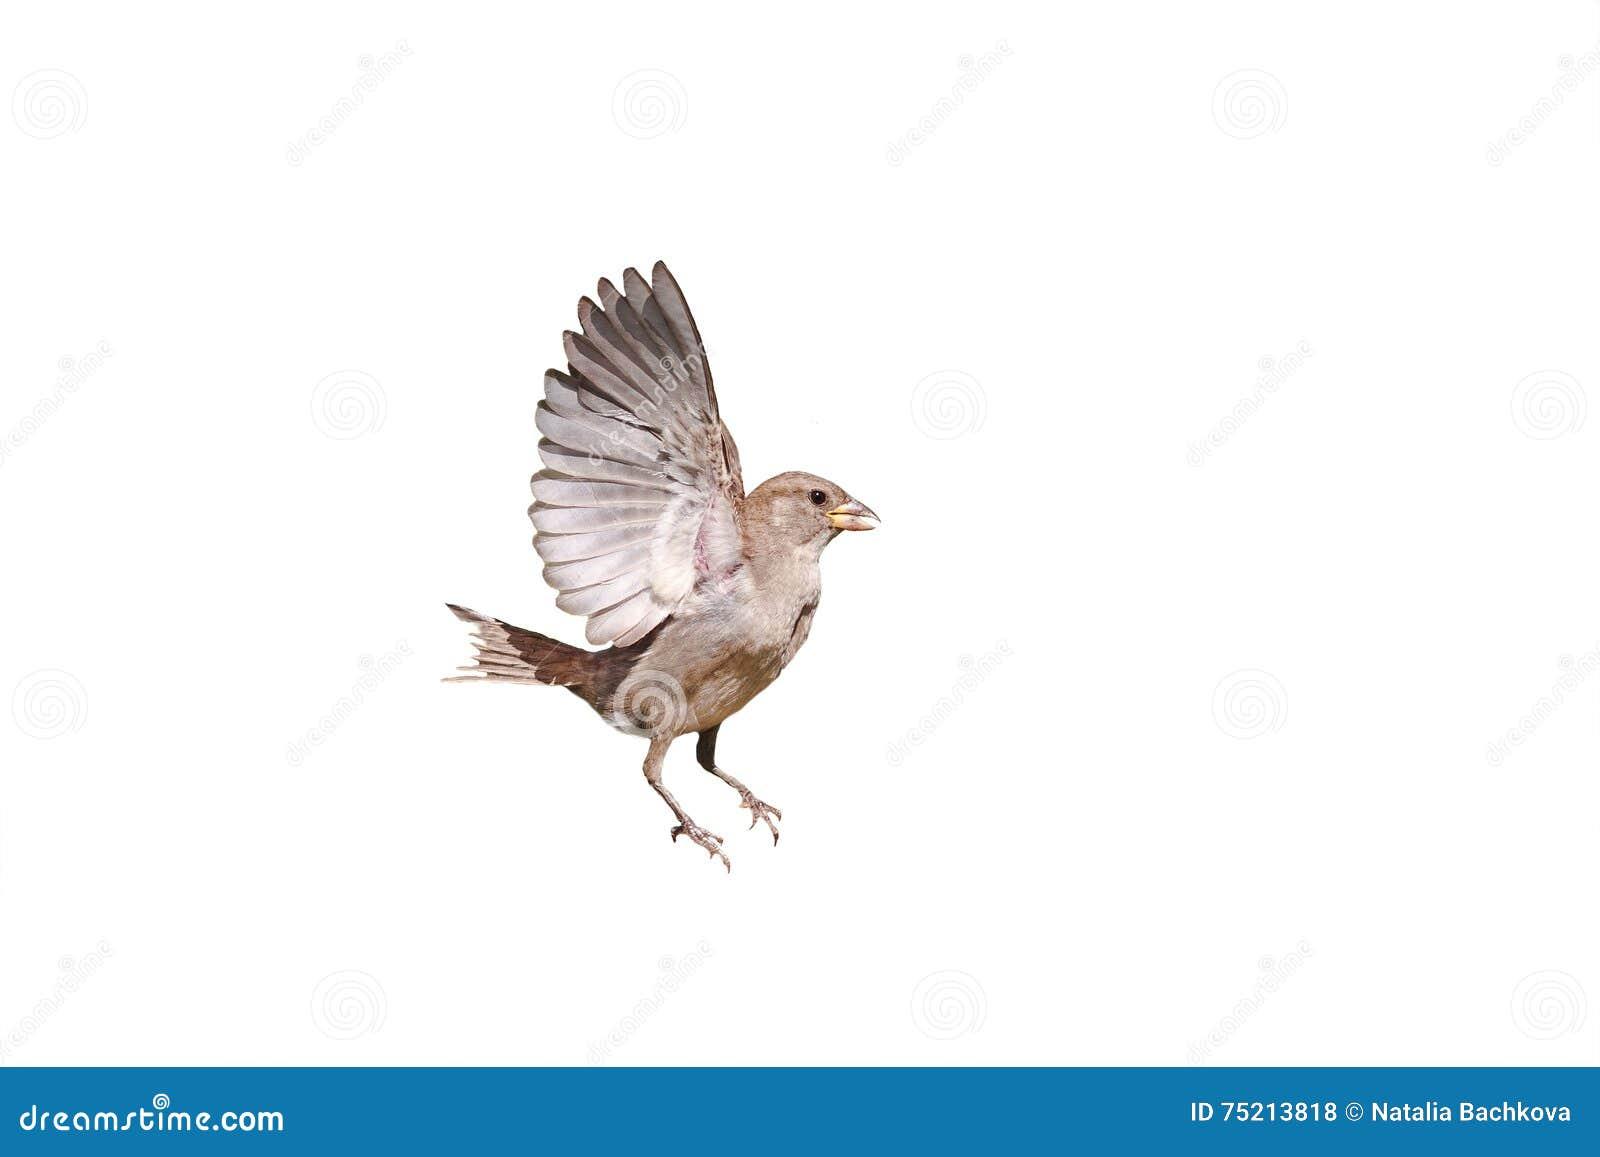 Sparven viftar med dess vingar på vit isolerad bakgrund